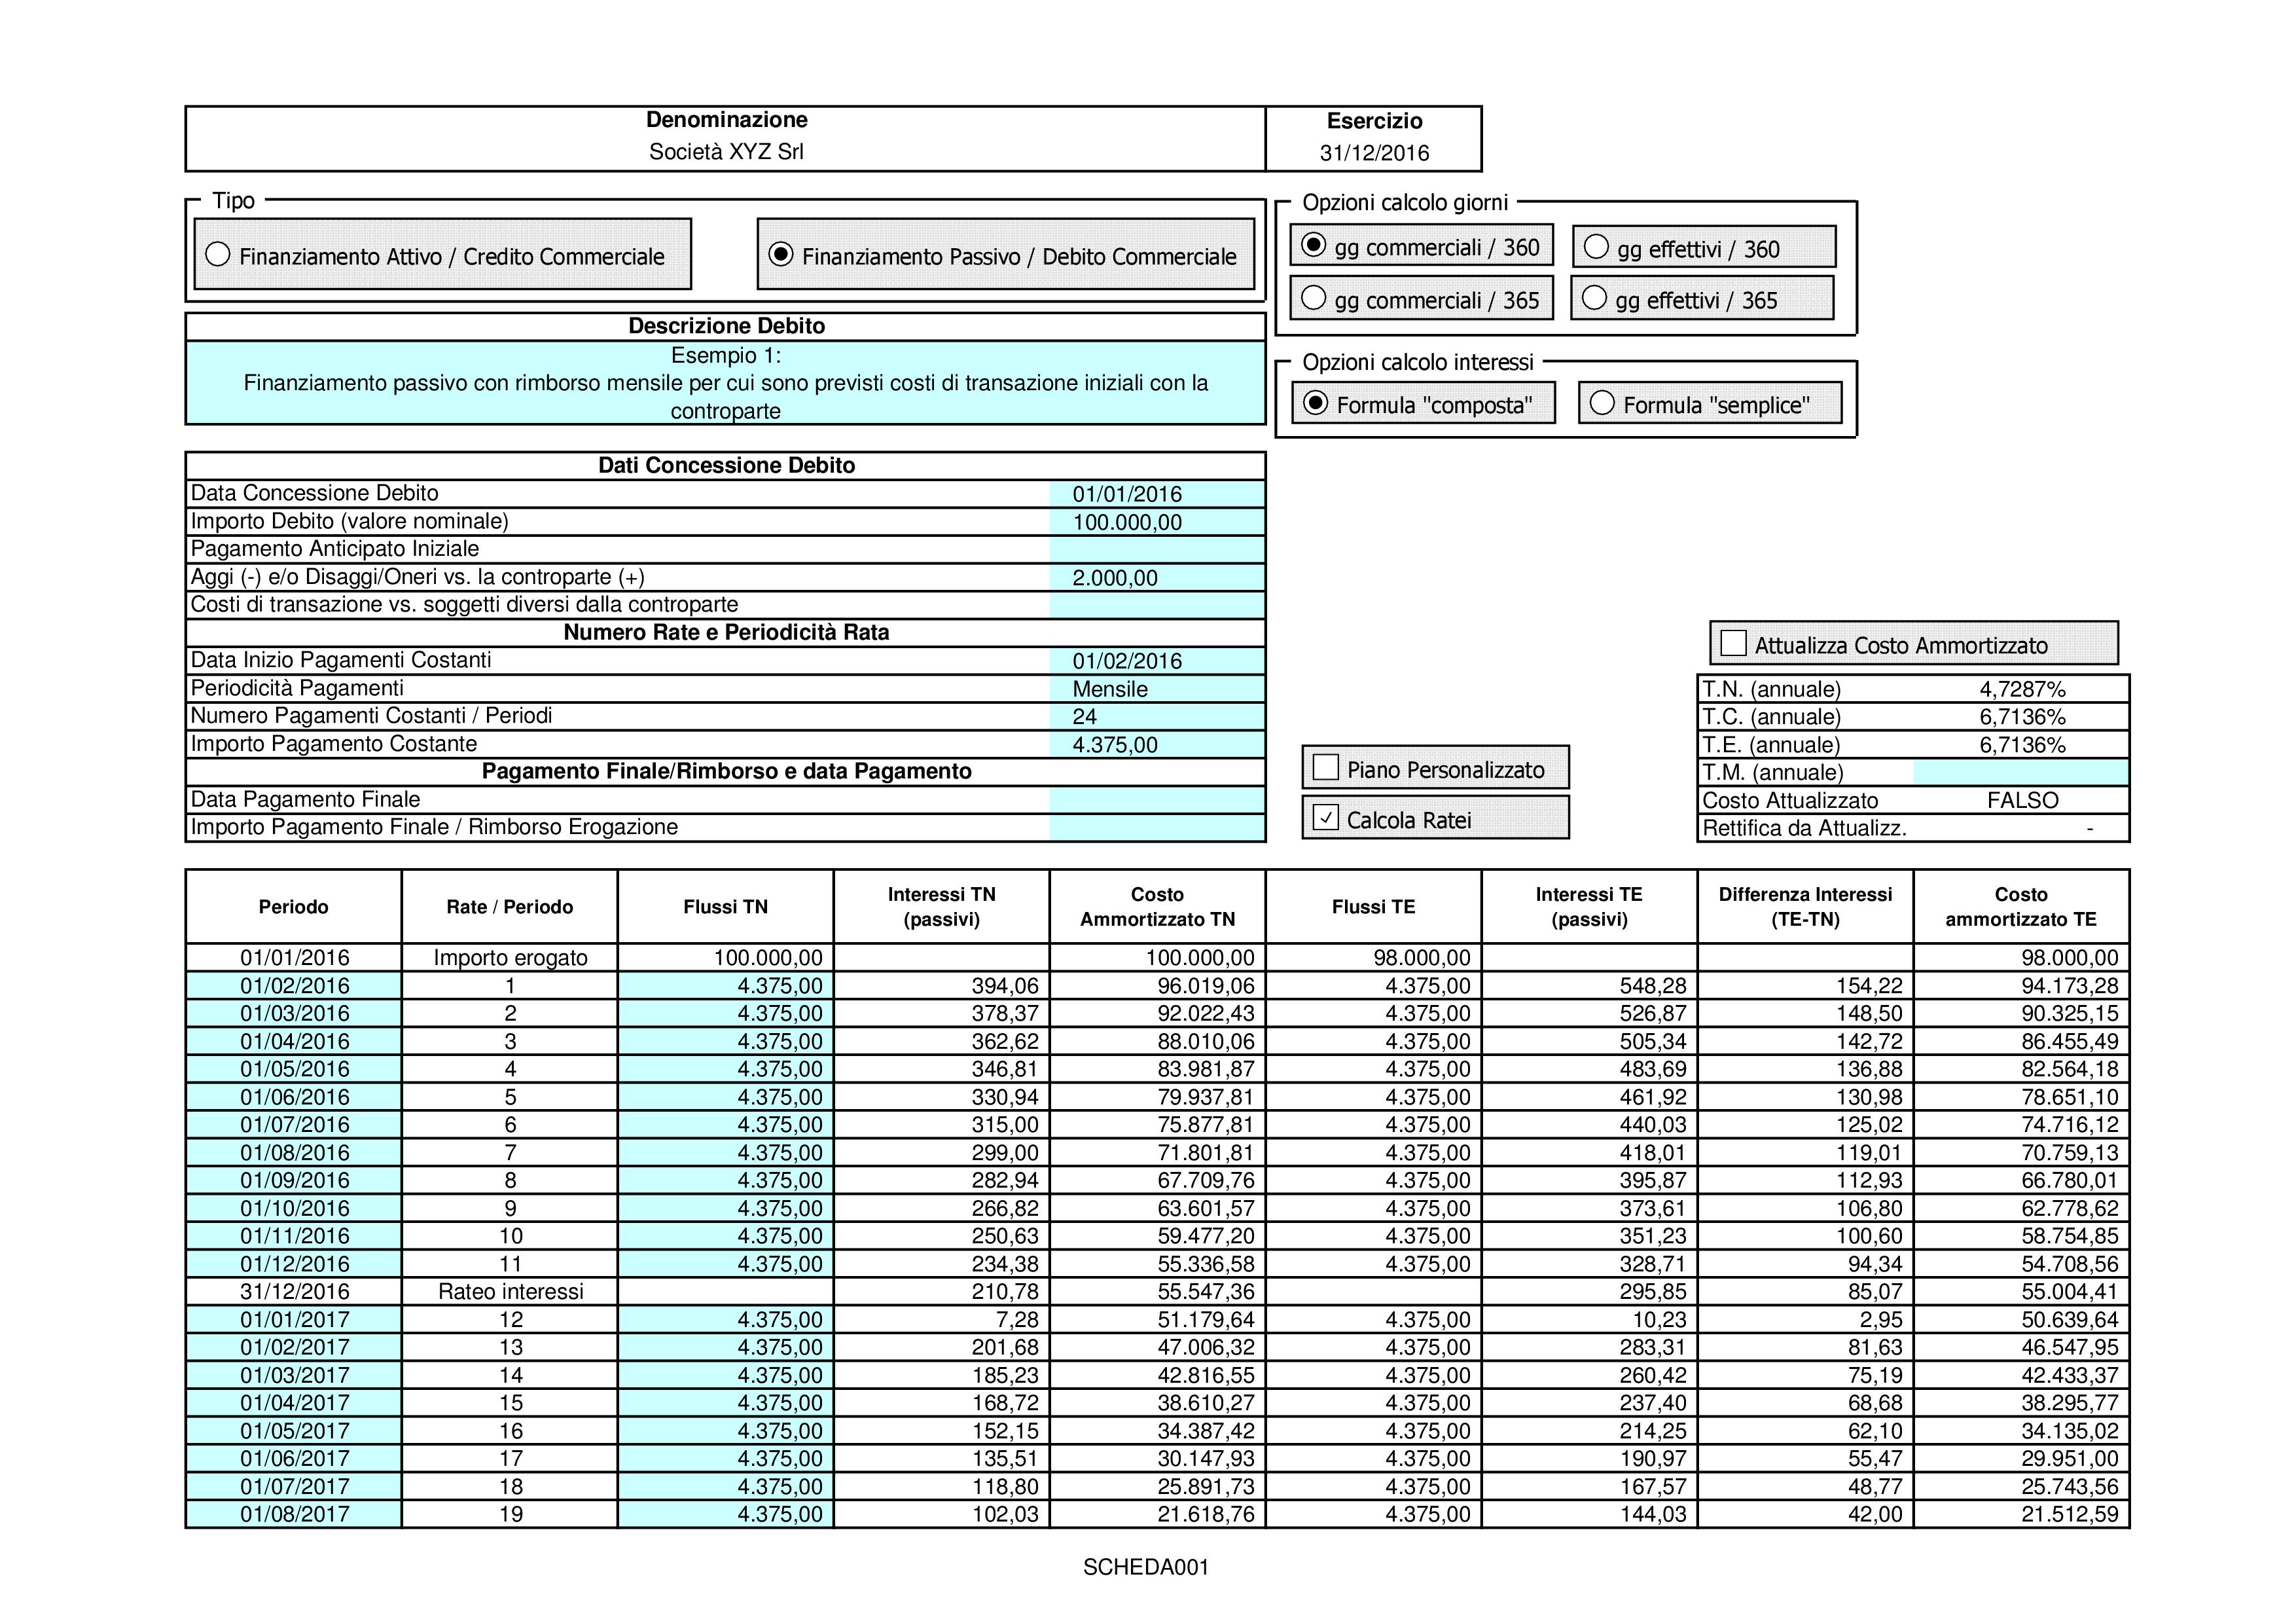 CREDITI DEBITI: valutazione costo ammortizzato 2018 - Immagine 2 / 12